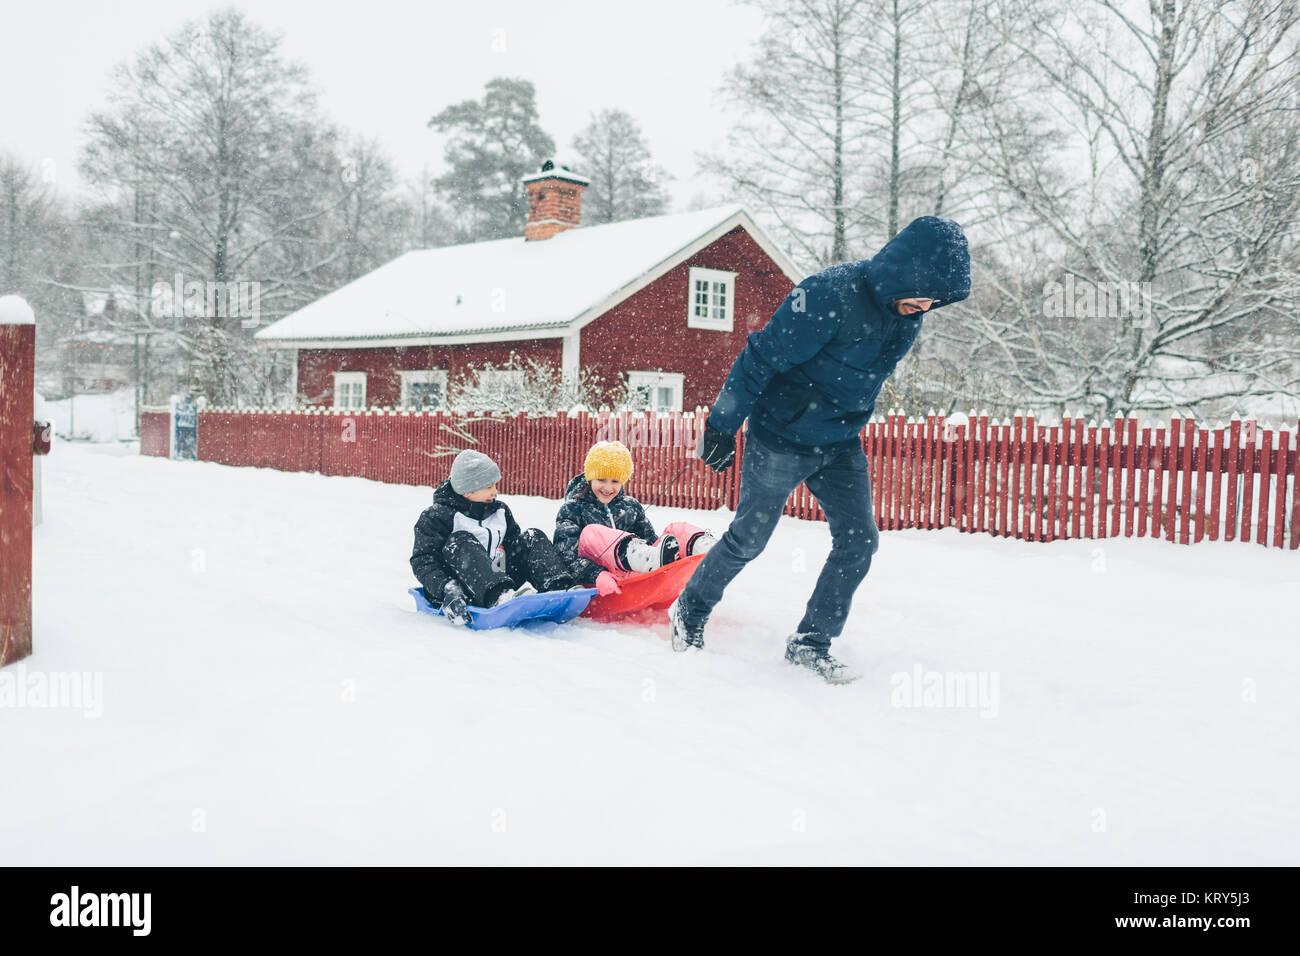 L'uomo tirando i bambini sulla slitta Immagini Stock